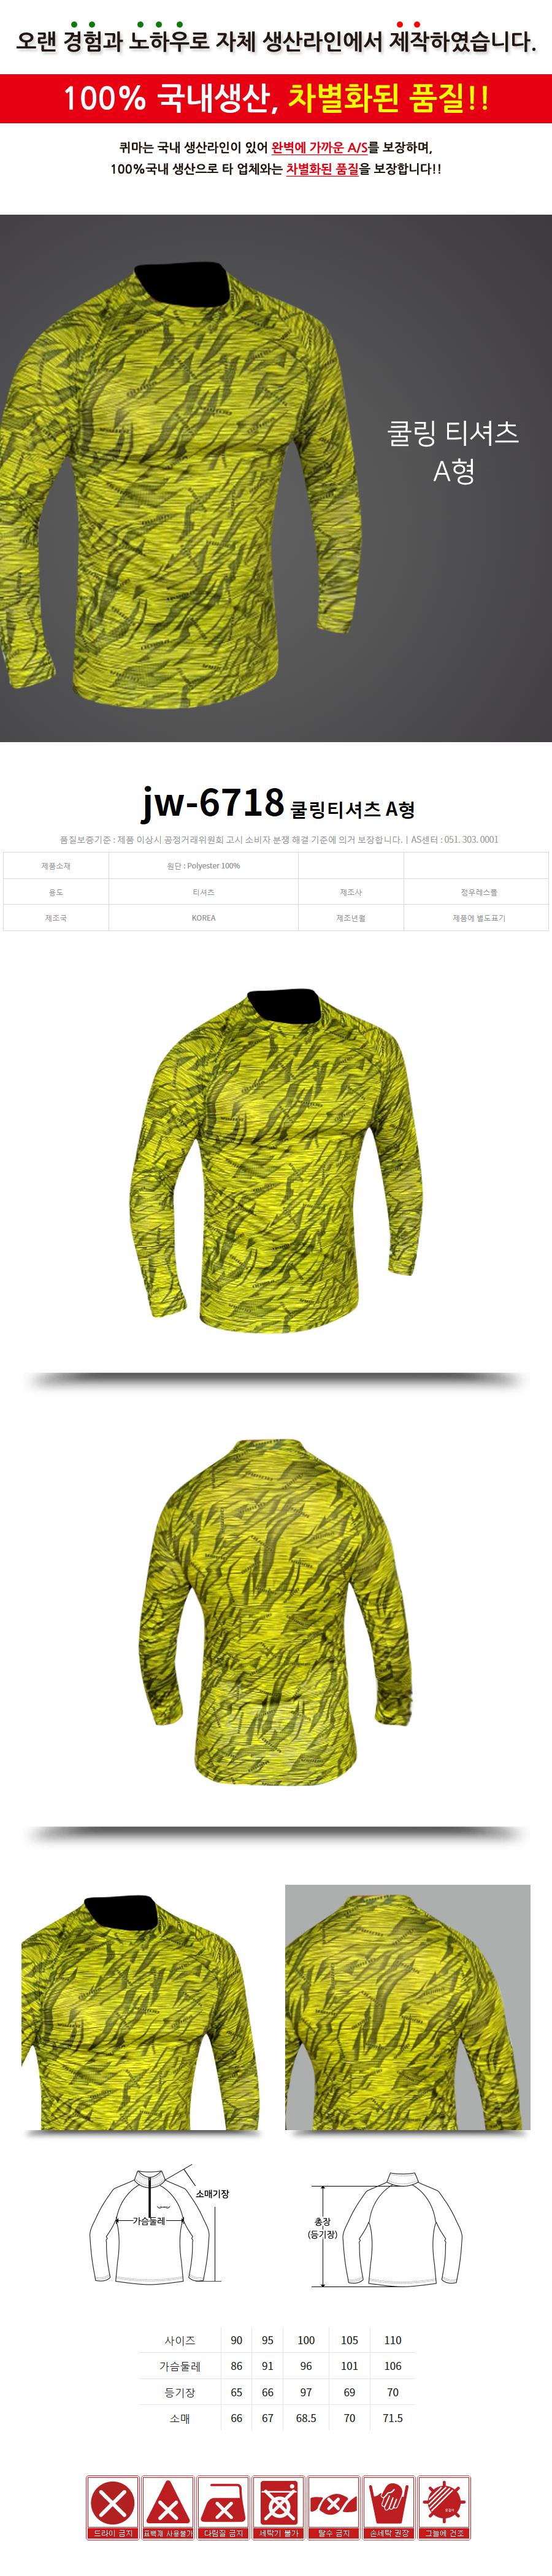 퀴마 쿨링티셔츠 JW-6718 옐로우 낚시옷 낚시복 낚시남방 남방 낚시티셔츠 상의 하의 낚시바지 피싱복 필드복 티 t셔츠